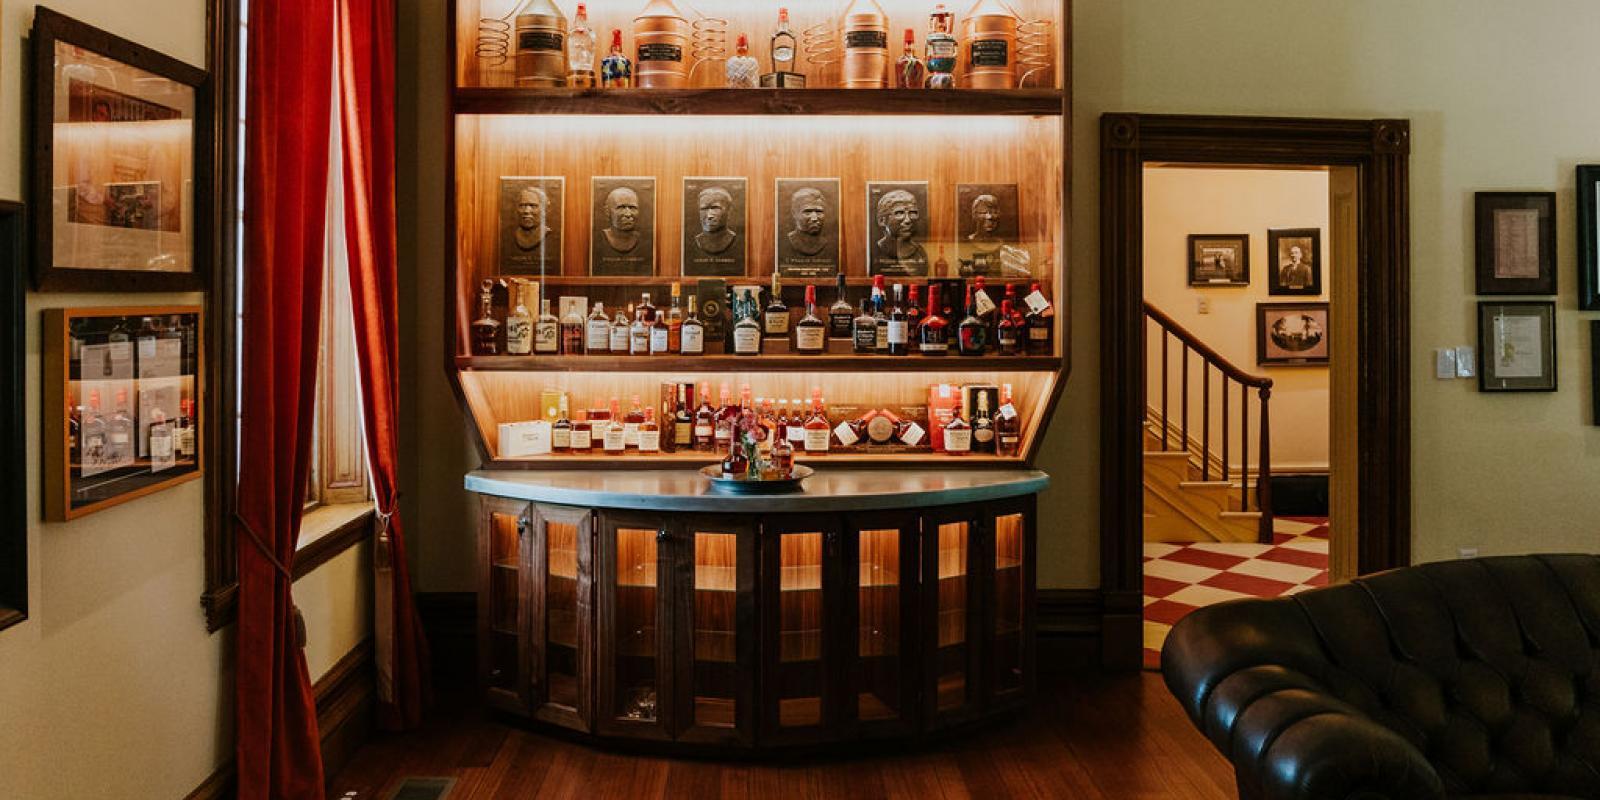 Lighted bar Maker's Mark